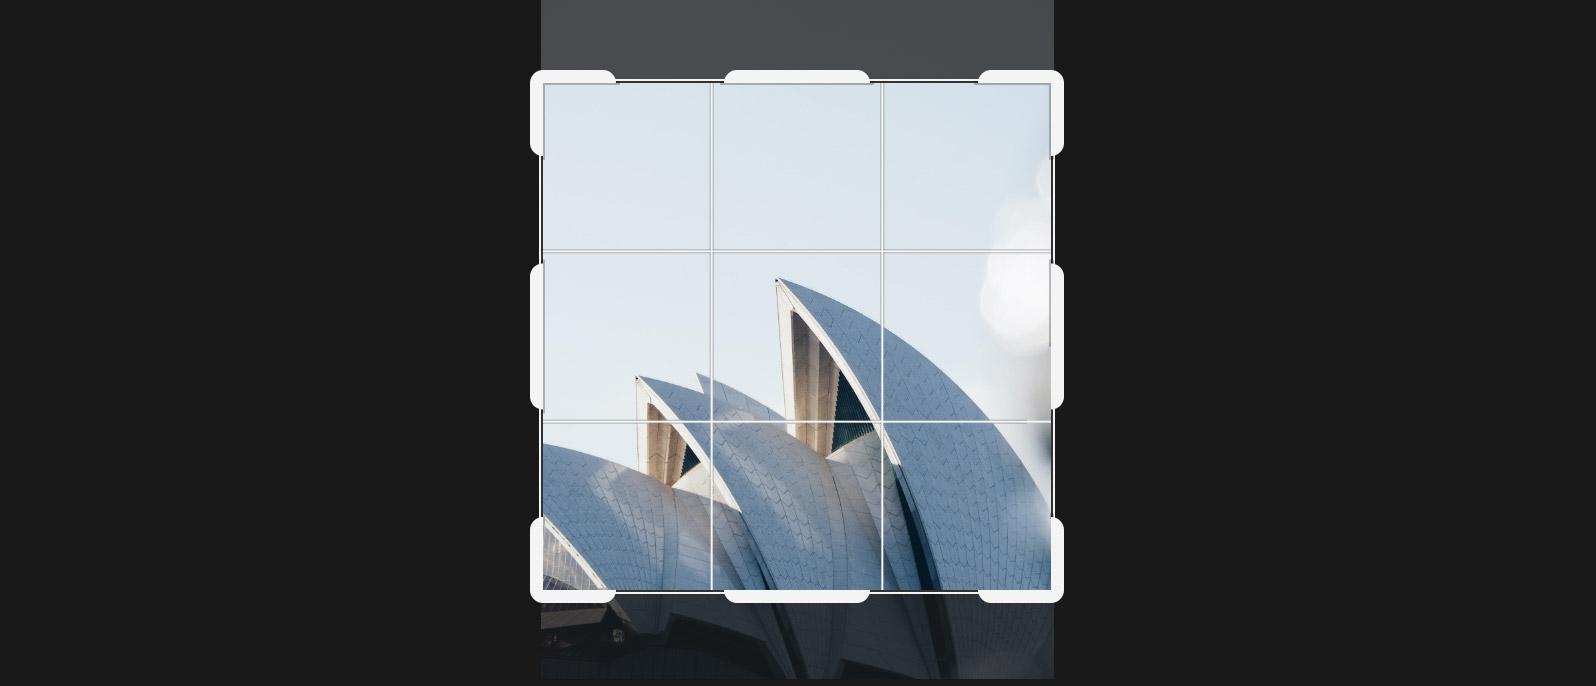 Область обрезки изображения по центру функцией add_image_size() в WordPress